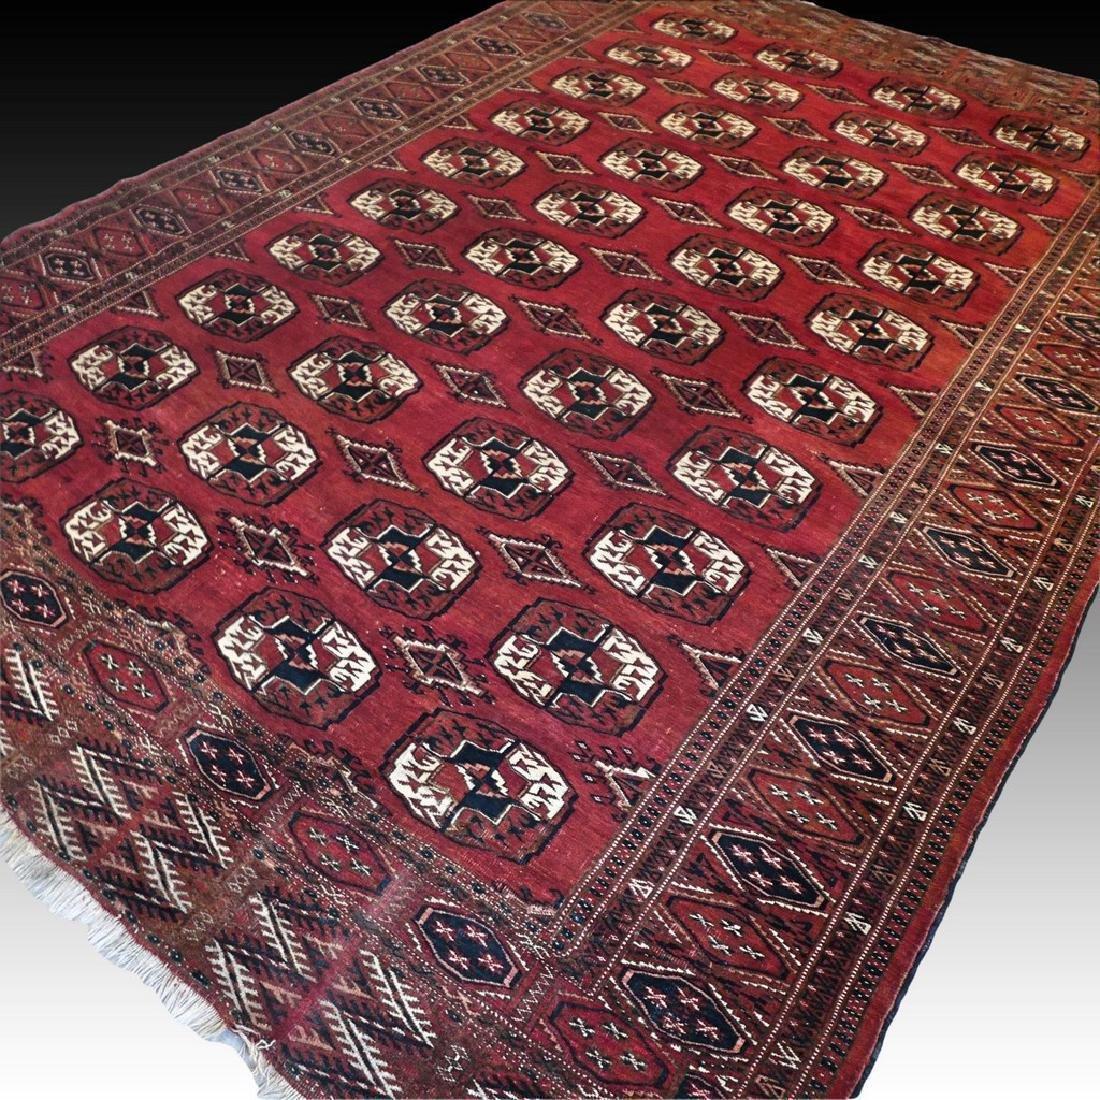 10.2 x 7.1 Antique Turkmen Yomut rug - 1920s